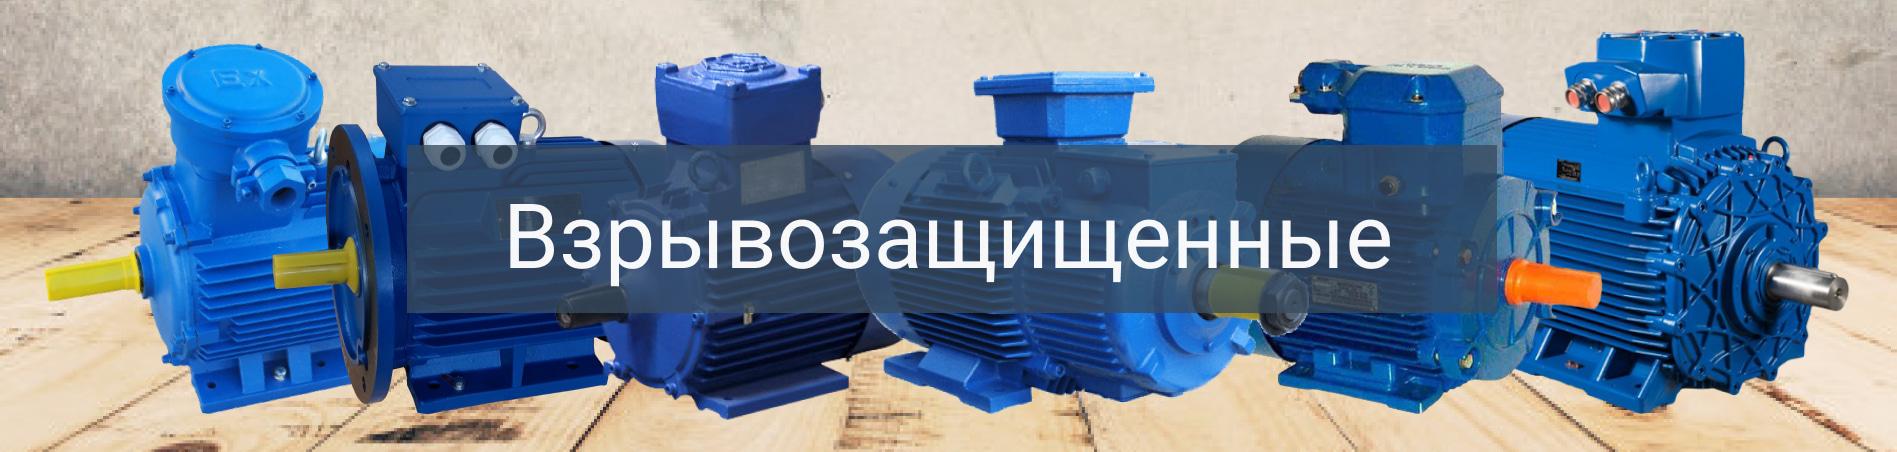 Взрывозащищенные электродвигатели 11 квт